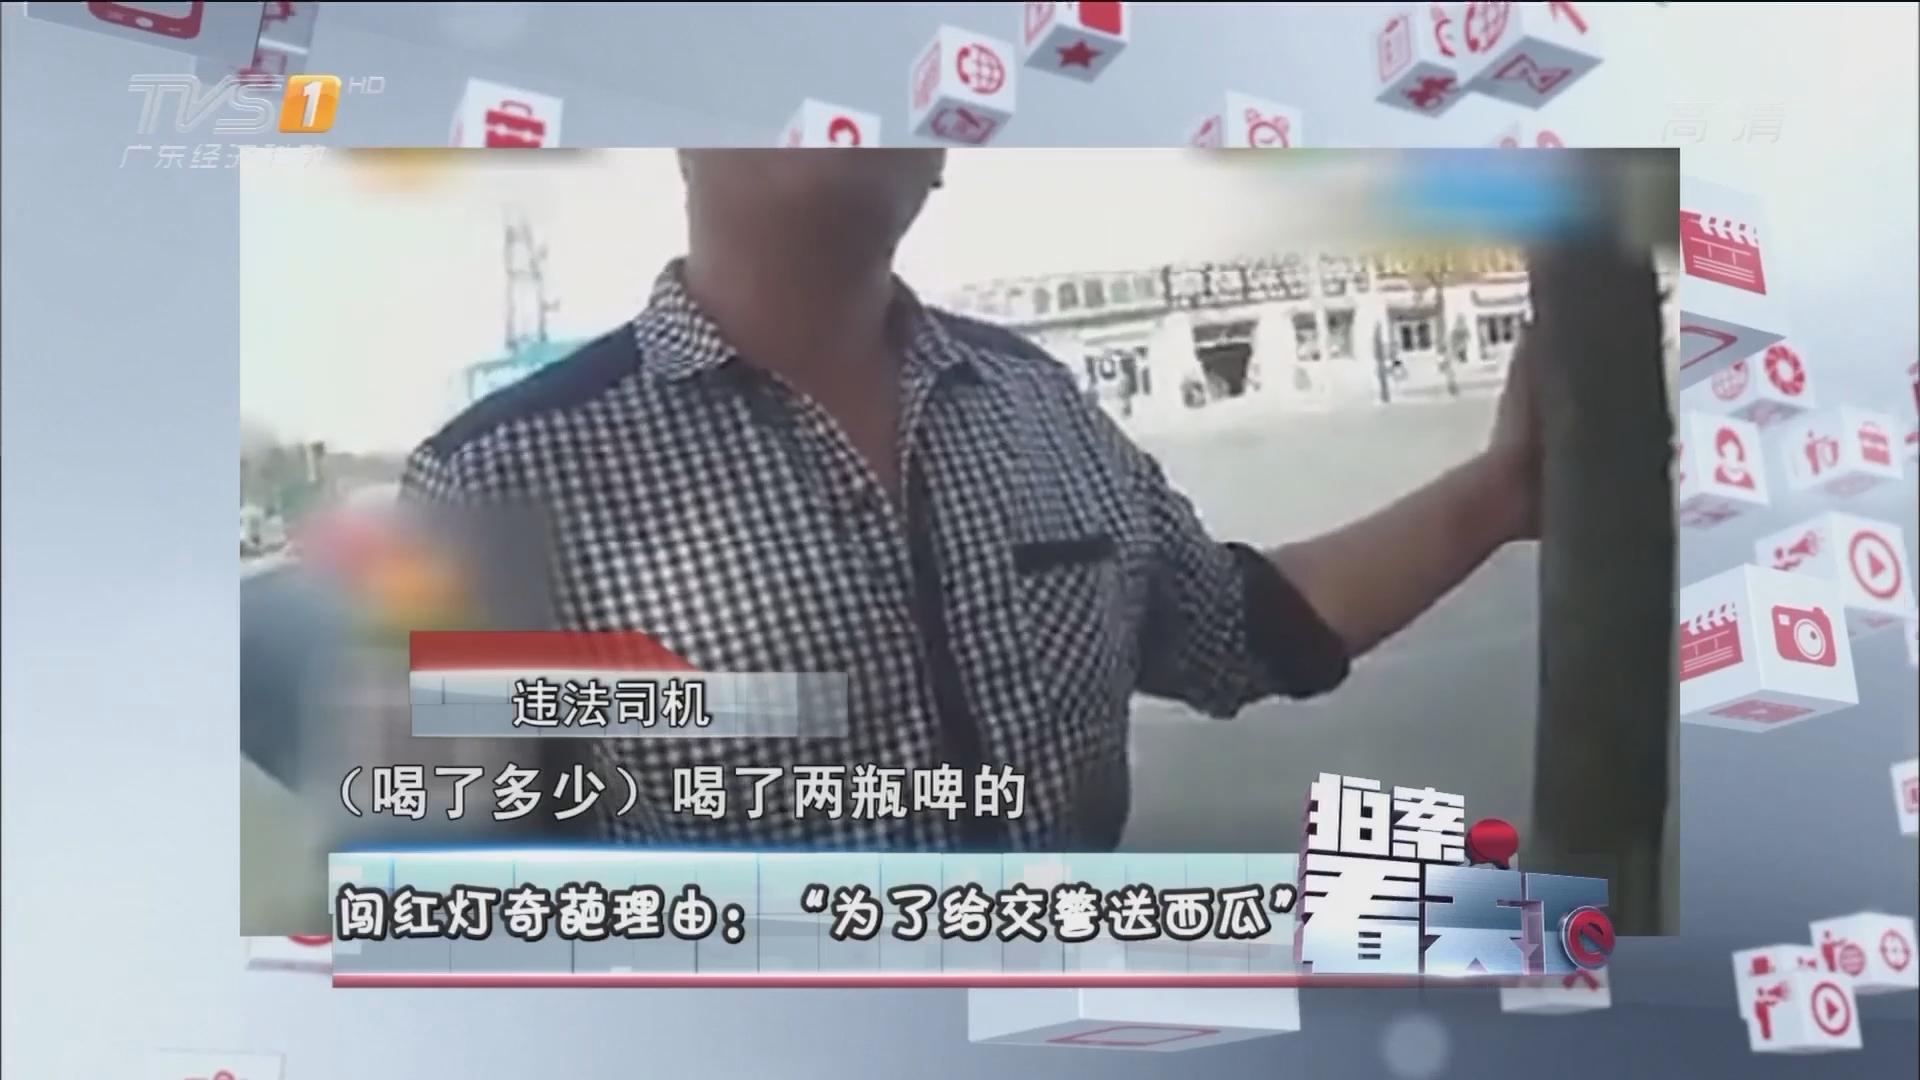 """闯红灯奇葩理由:""""为了给交警送西瓜"""""""